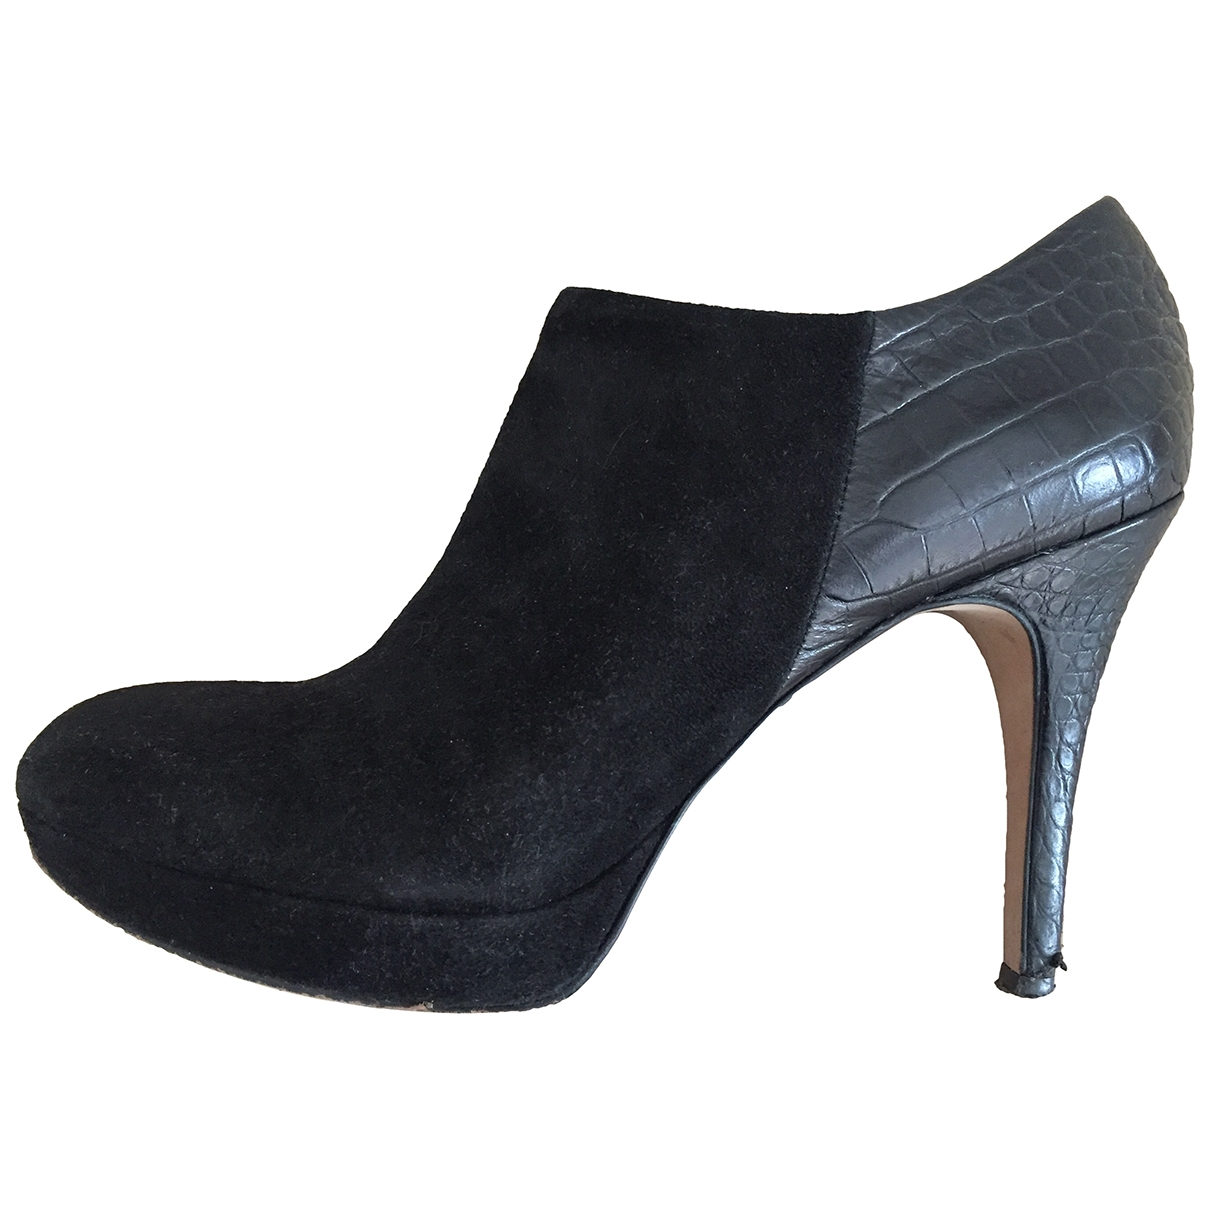 Vince Camuto - Boots   pour femme en suede - noir